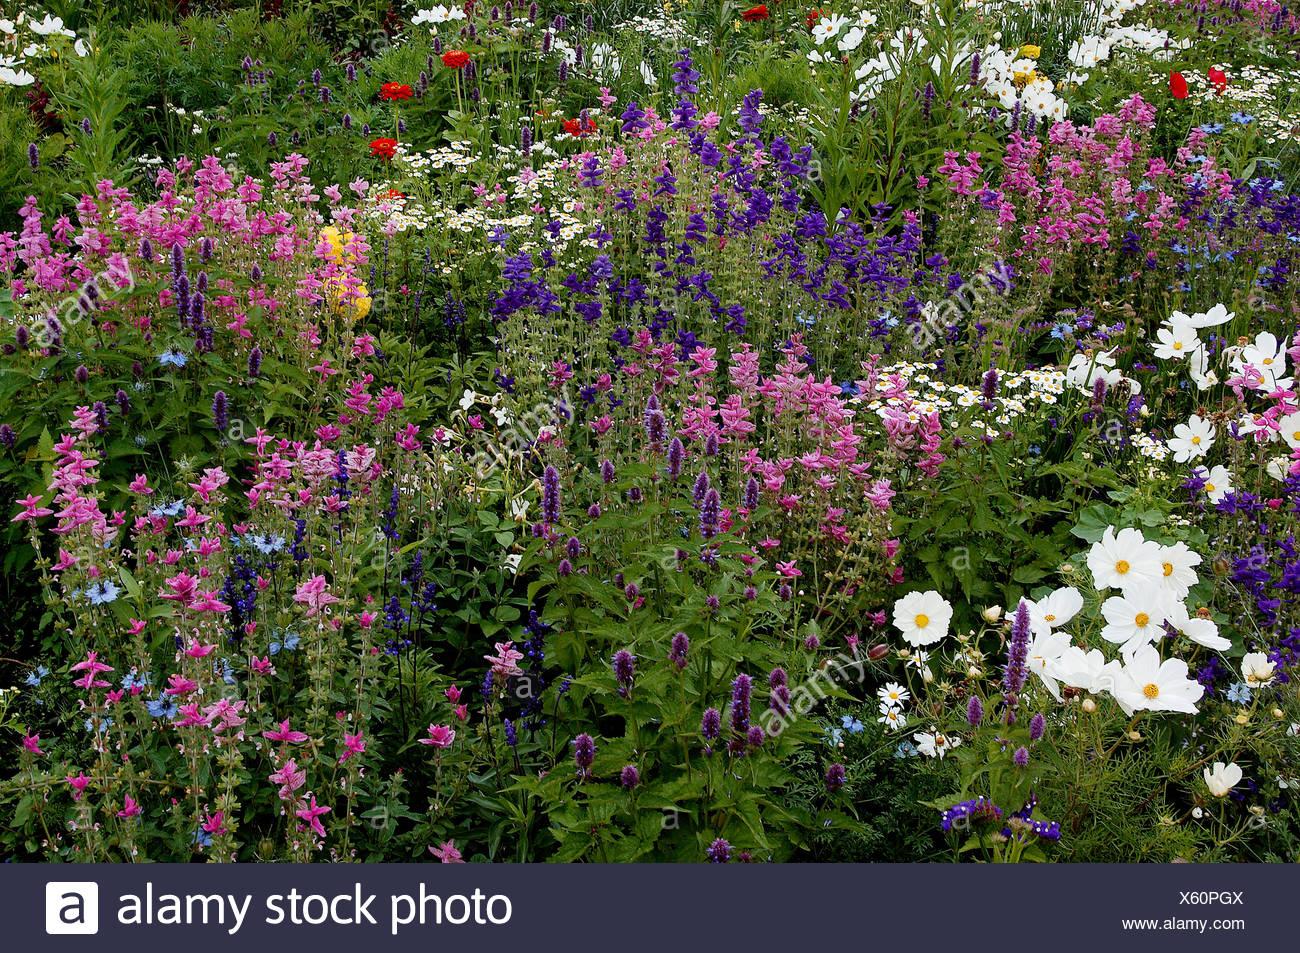 Letto di fiori con cosmea muschio malva cumino nero verniciato e